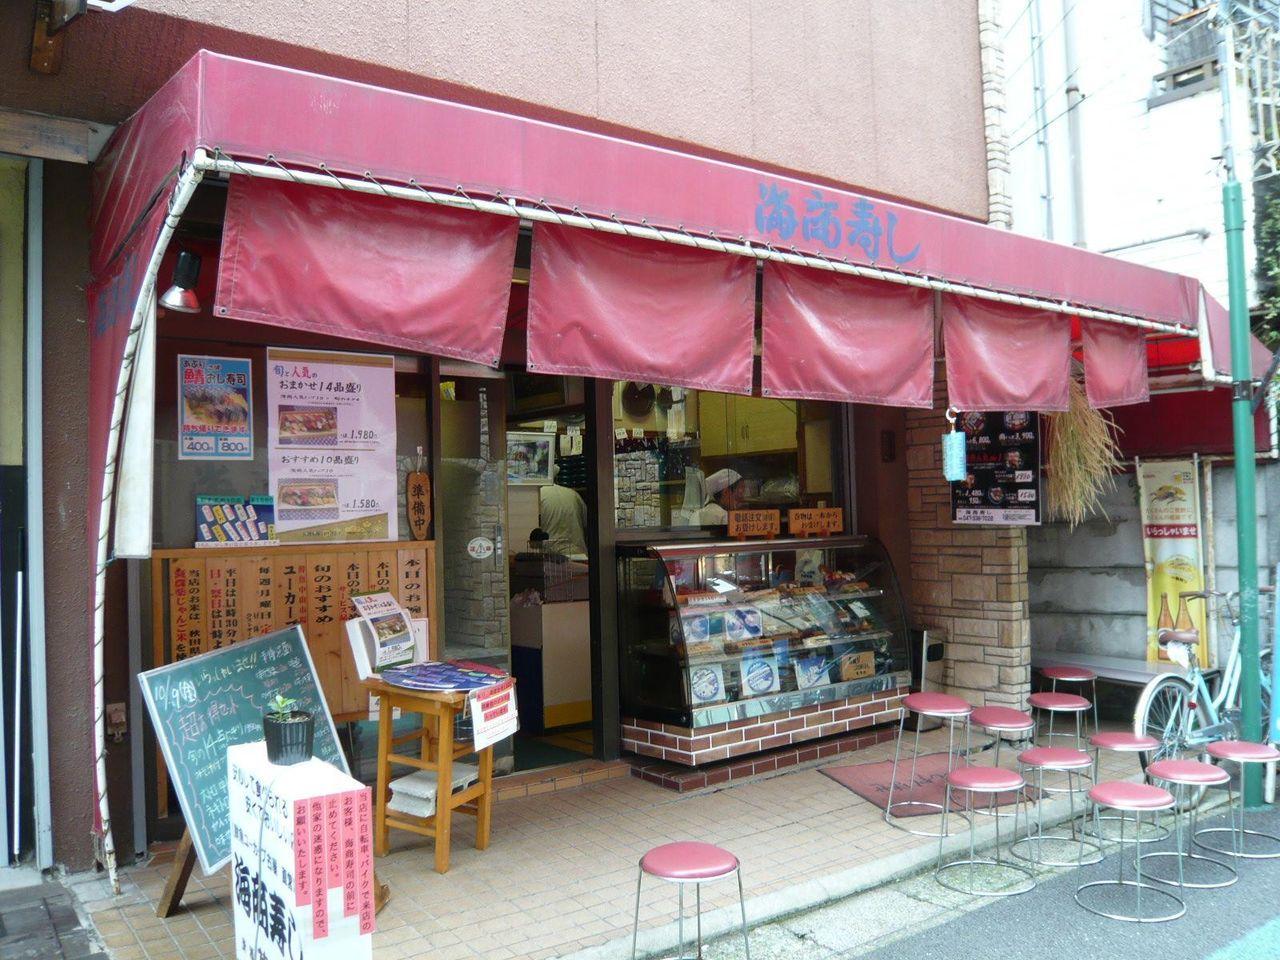 魚屋が直営する激安店「海商寿司」